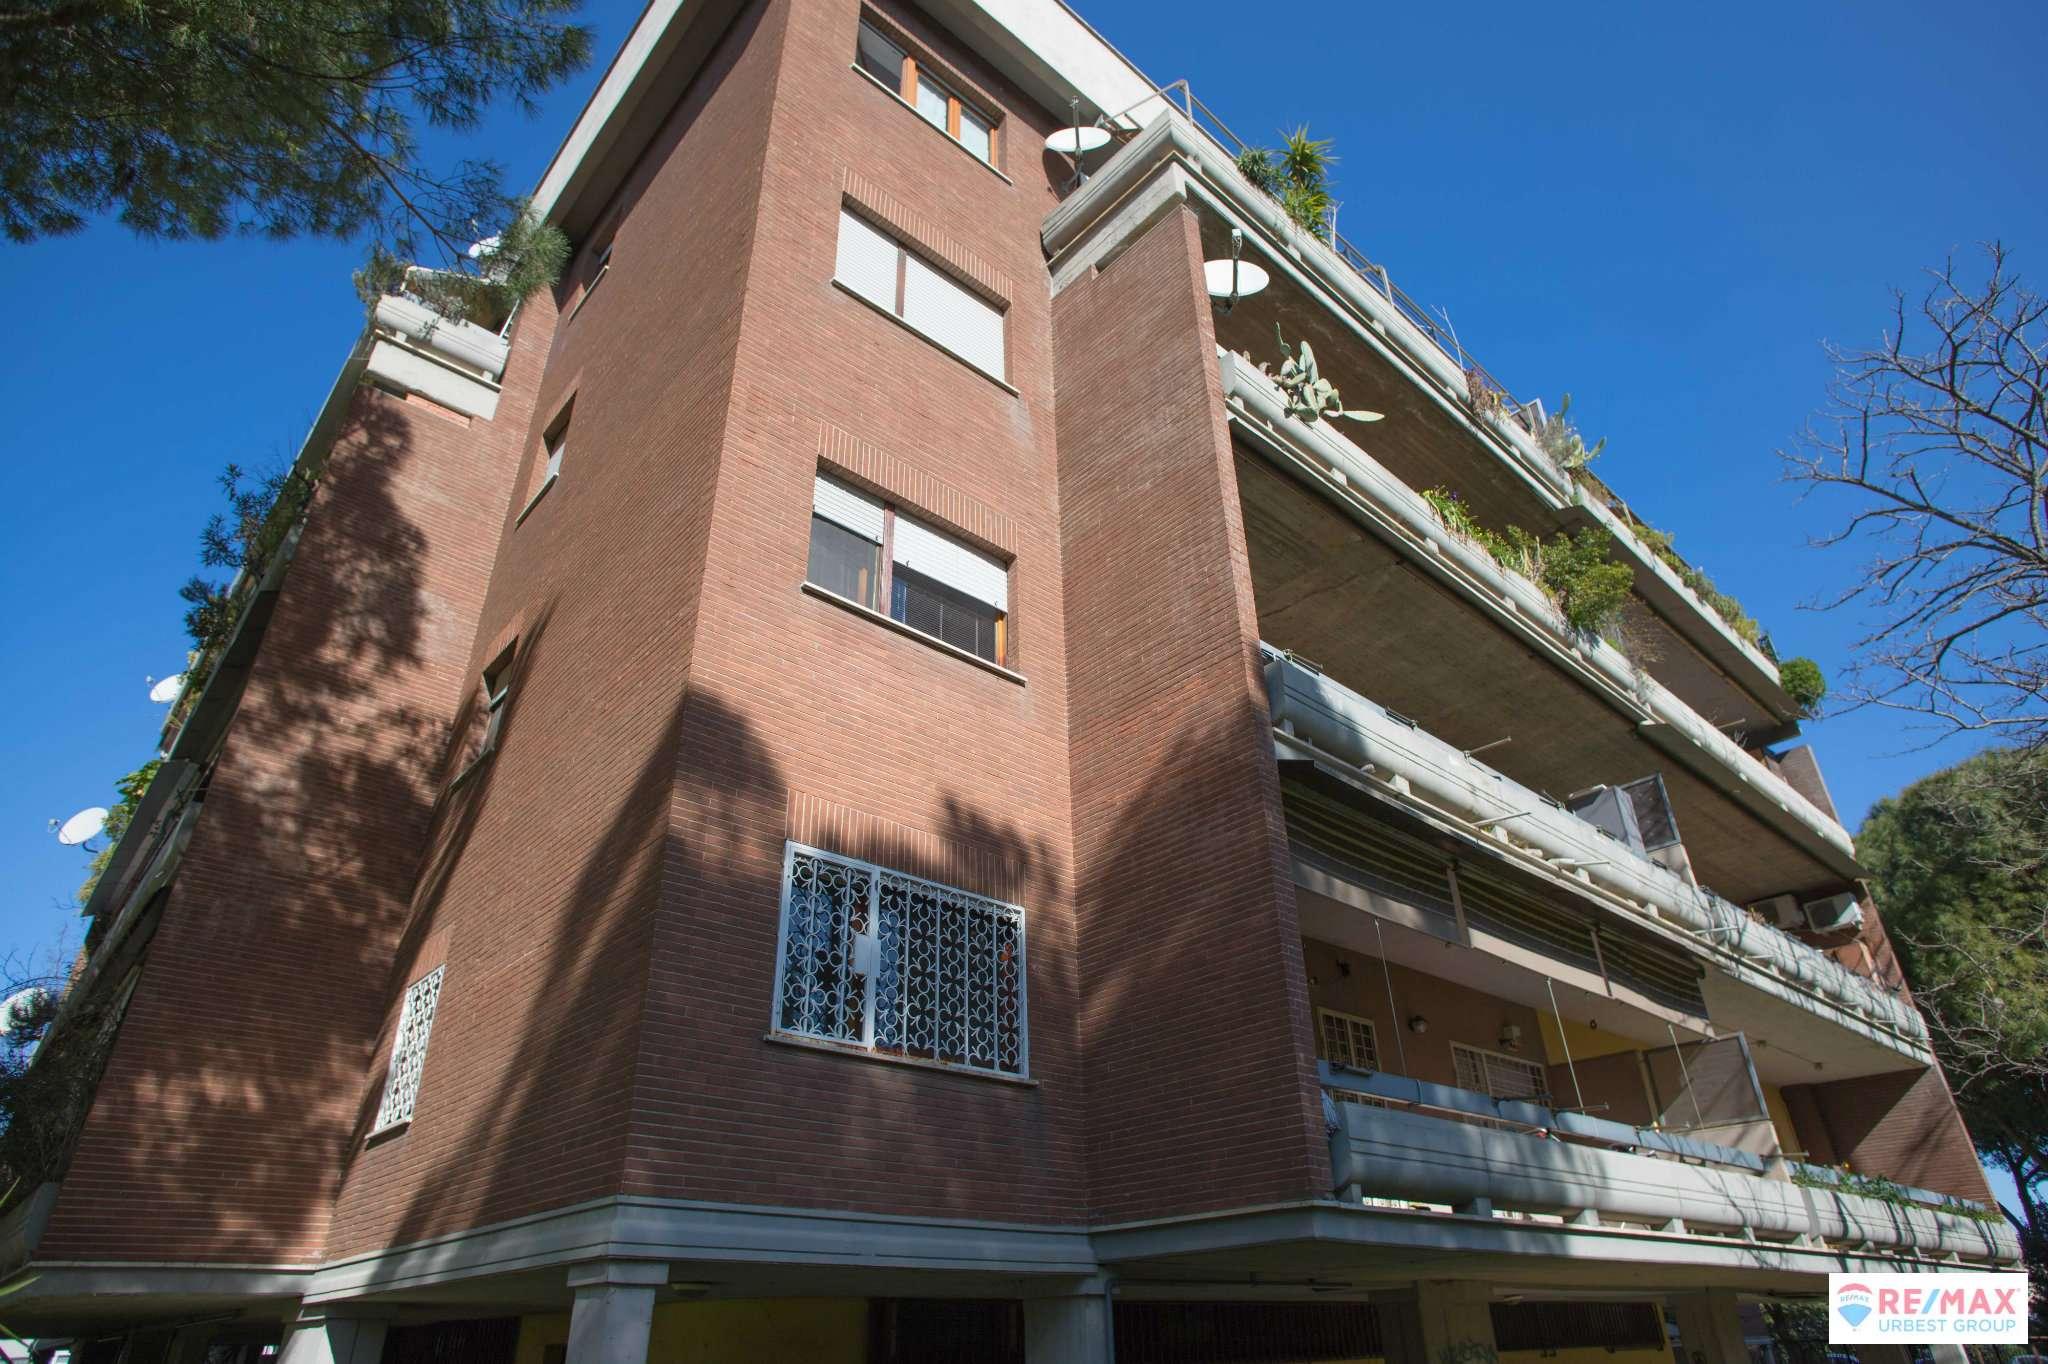 Appartamento in vendita a Roma, 3 locali, zona Zona: 12 . Cinecittà,Don Bosco, Lucrezia Romana, prezzo € 229.000 | CambioCasa.it